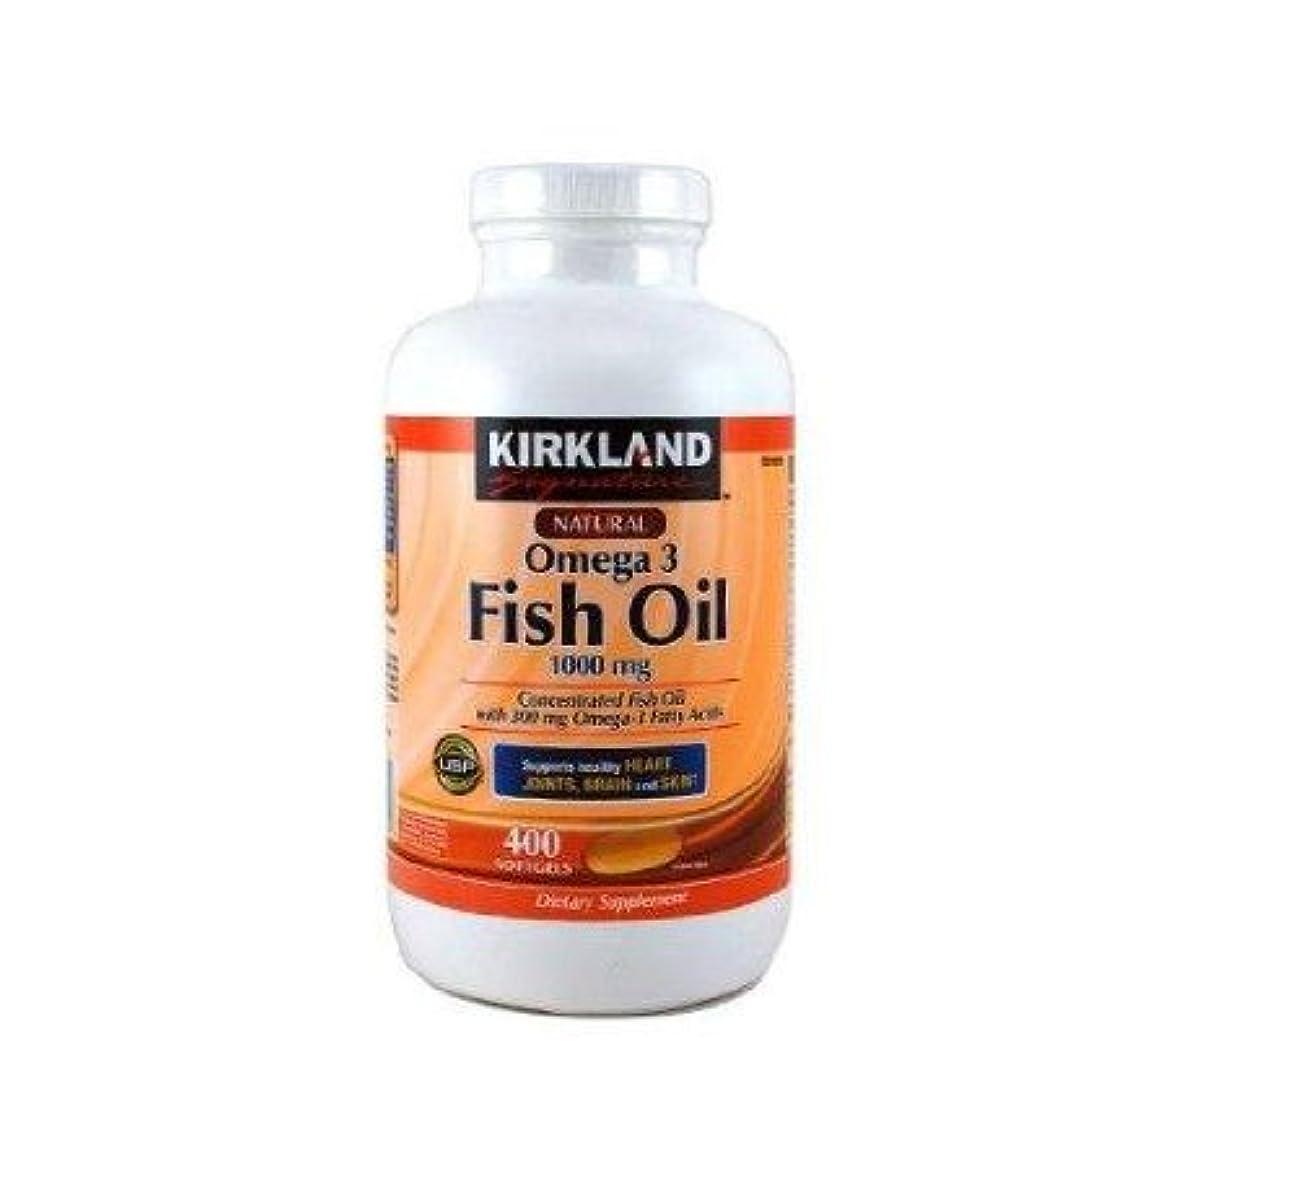 あご拳名義でKIRKLAND社 フィッシュオイル (DHA+EPA) オメガ3 1000mg 400ソフトカプセル 2本 [並行輸入品] [海外直送品] Two KIRKLAND's Fish oil (DHA + EPA) omega...